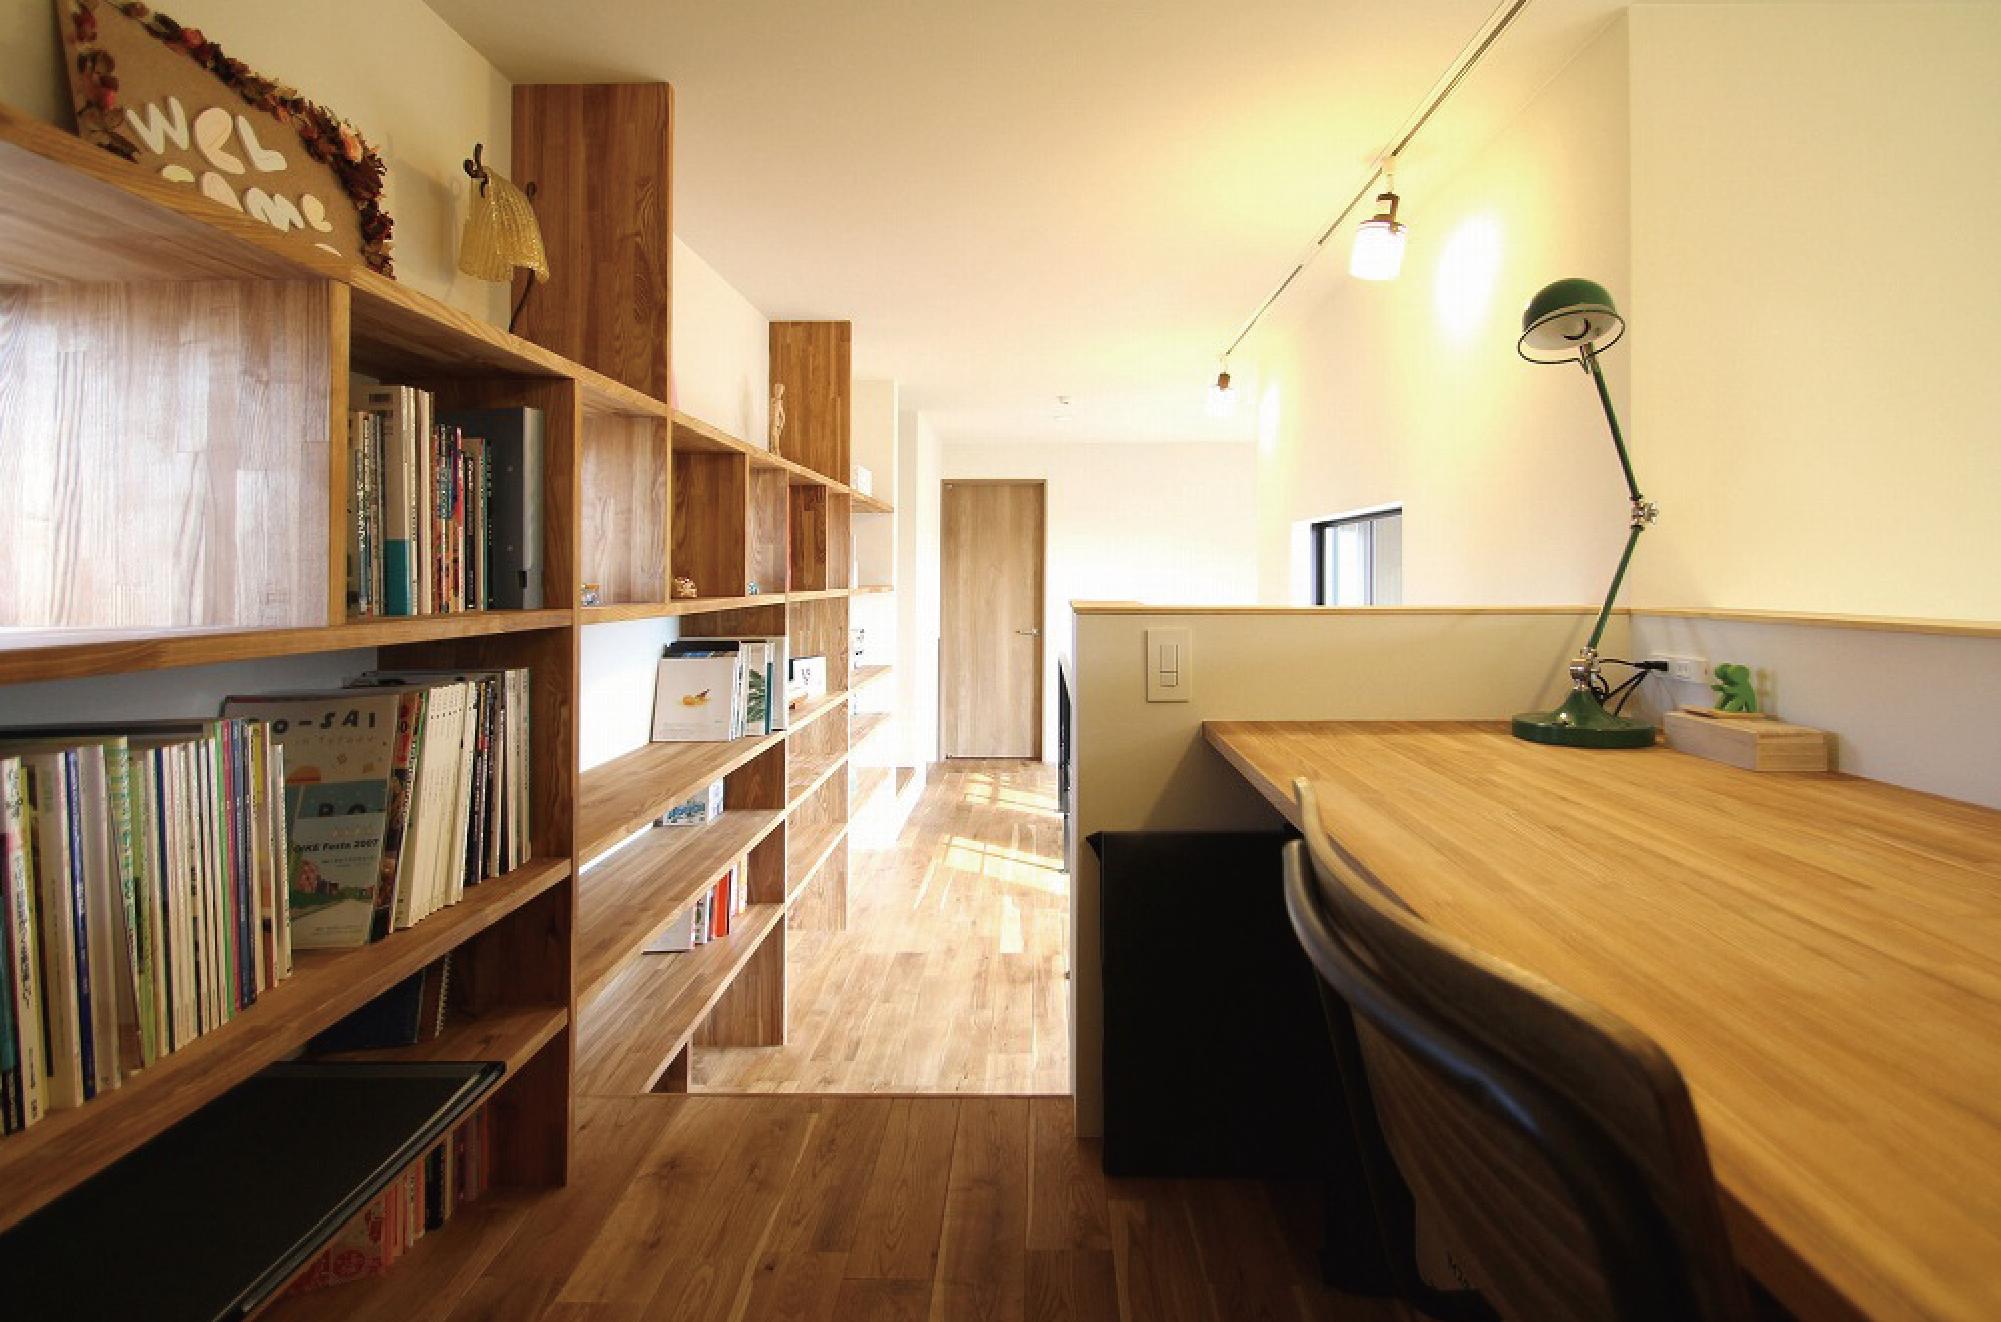 スキップフロアとストリップ階段で構成する開放的な家